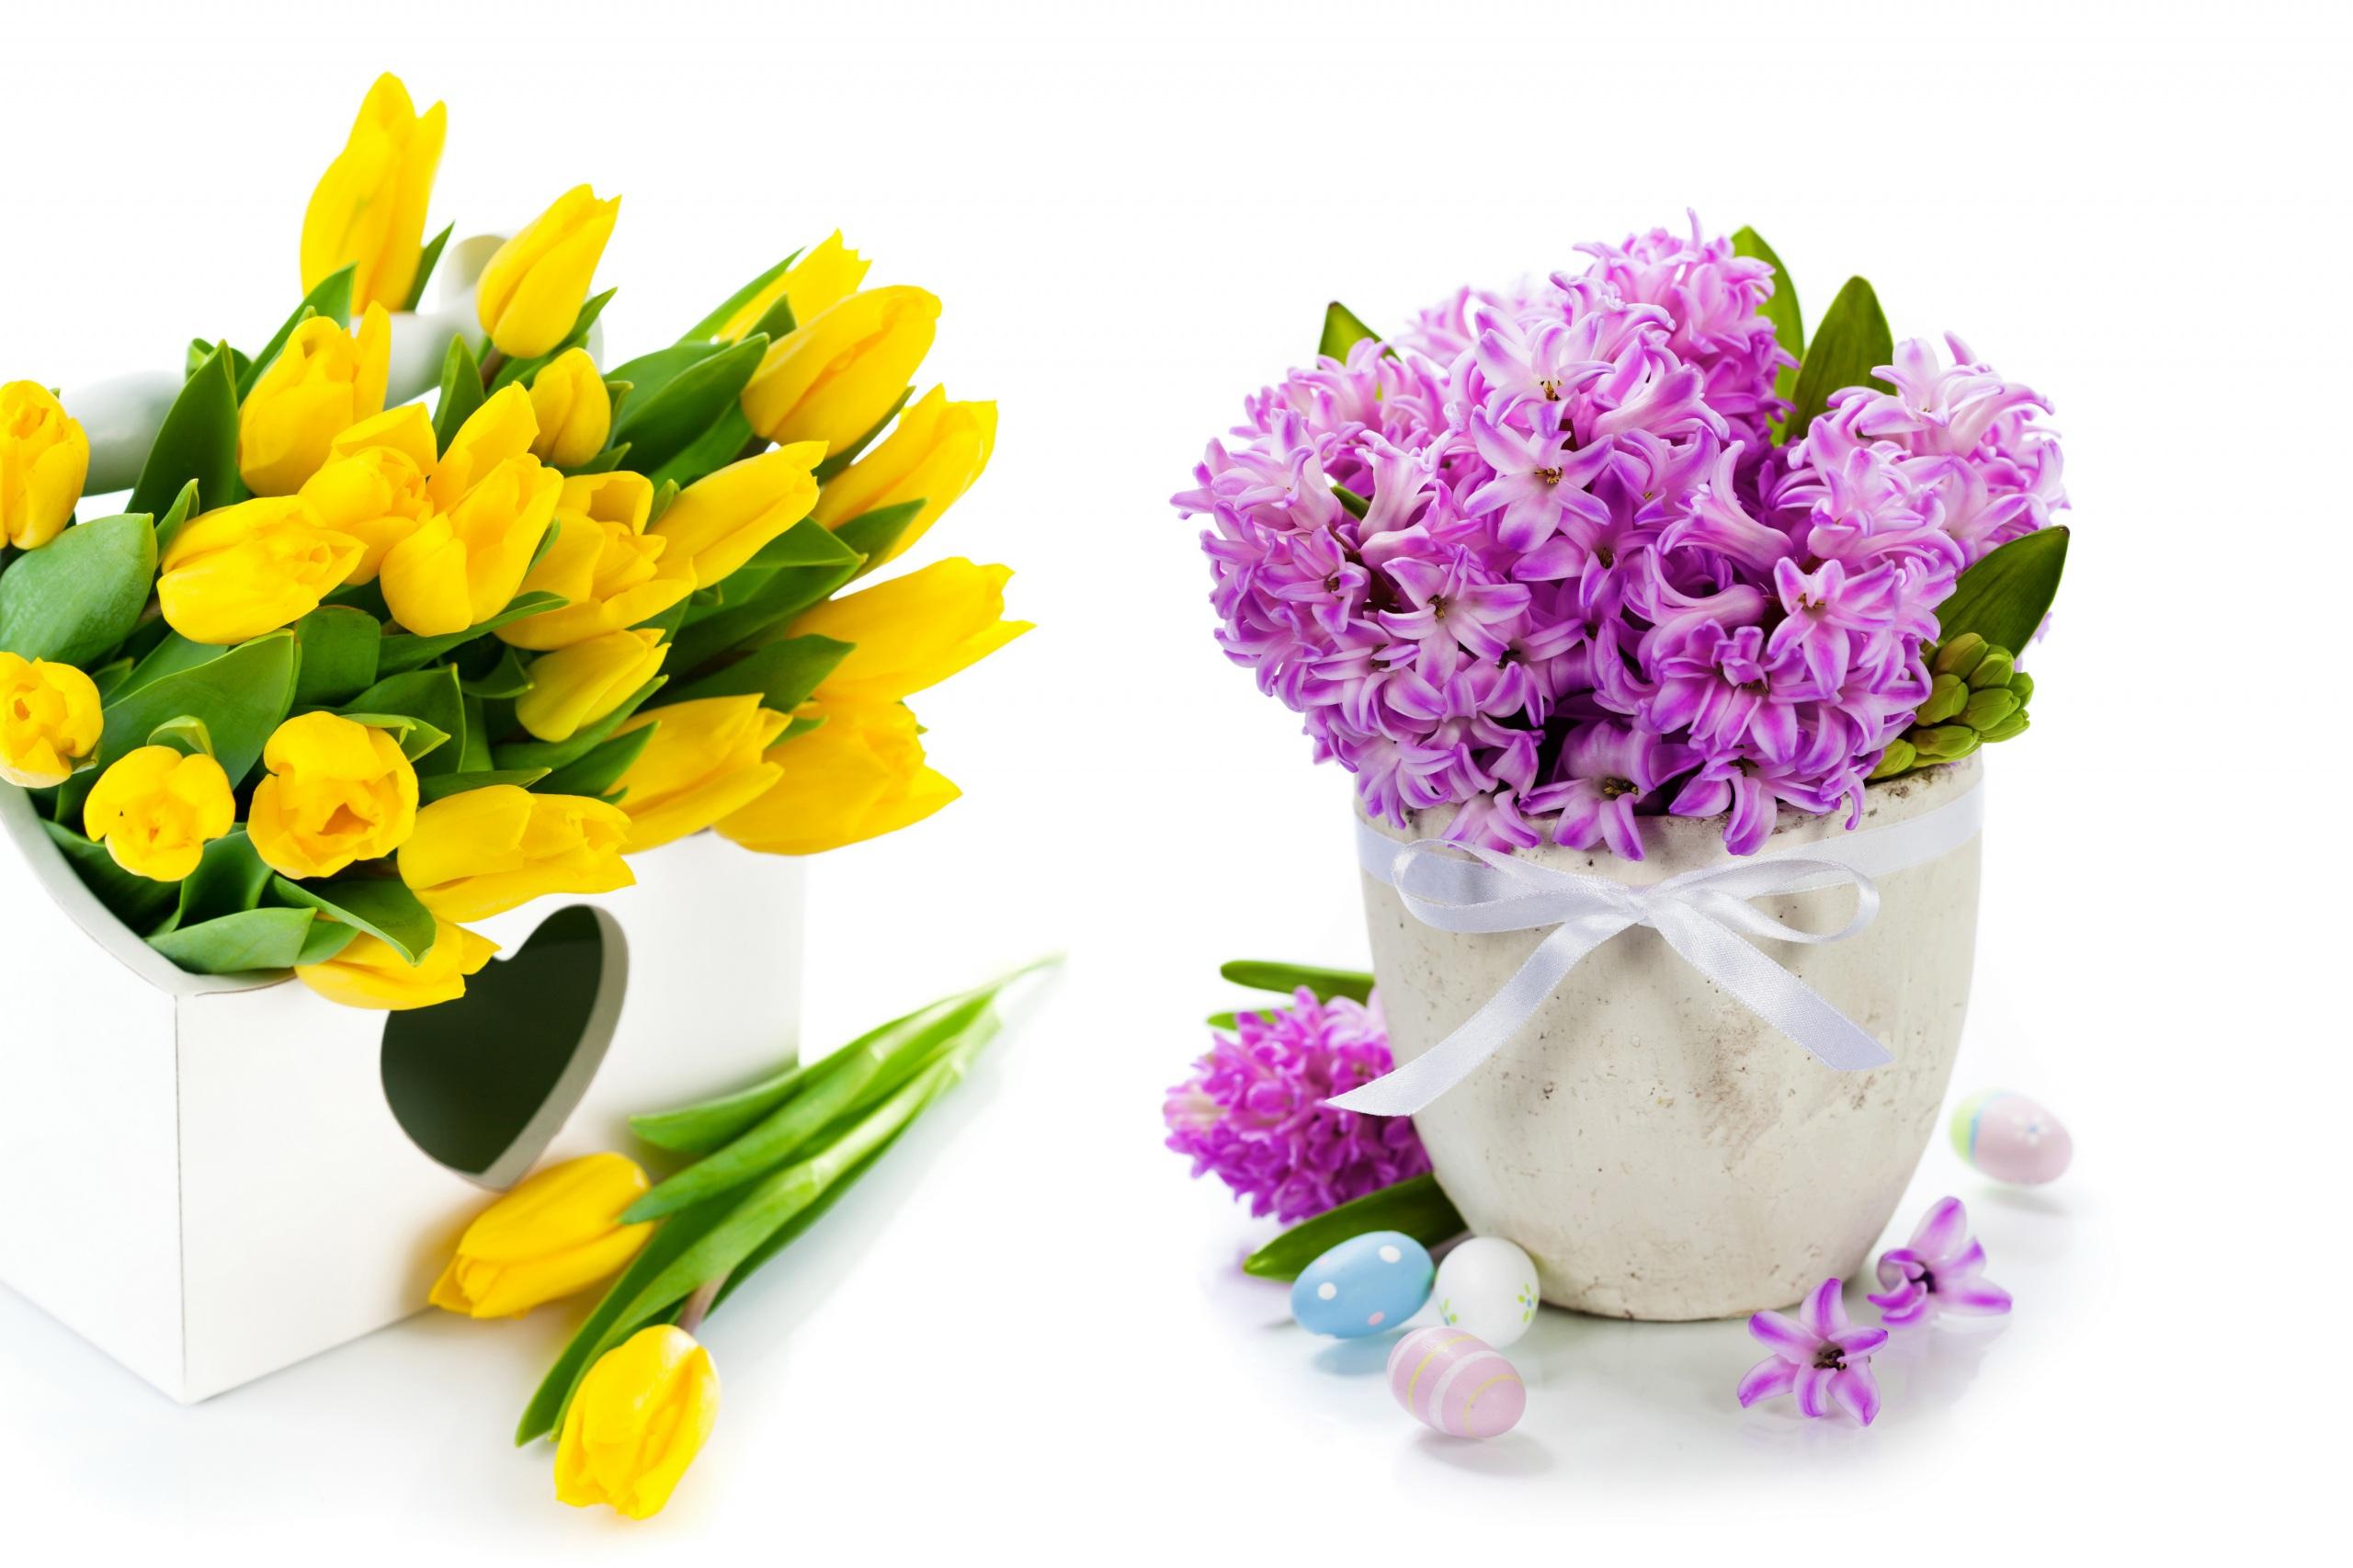 Обои для рабочего стола Яйца Тюльпаны Цветы Ваза Гиацинты белом фоне 2560x1706 яиц яйцо яйцами тюльпан цветок вазы вазе Белый фон белым фоном